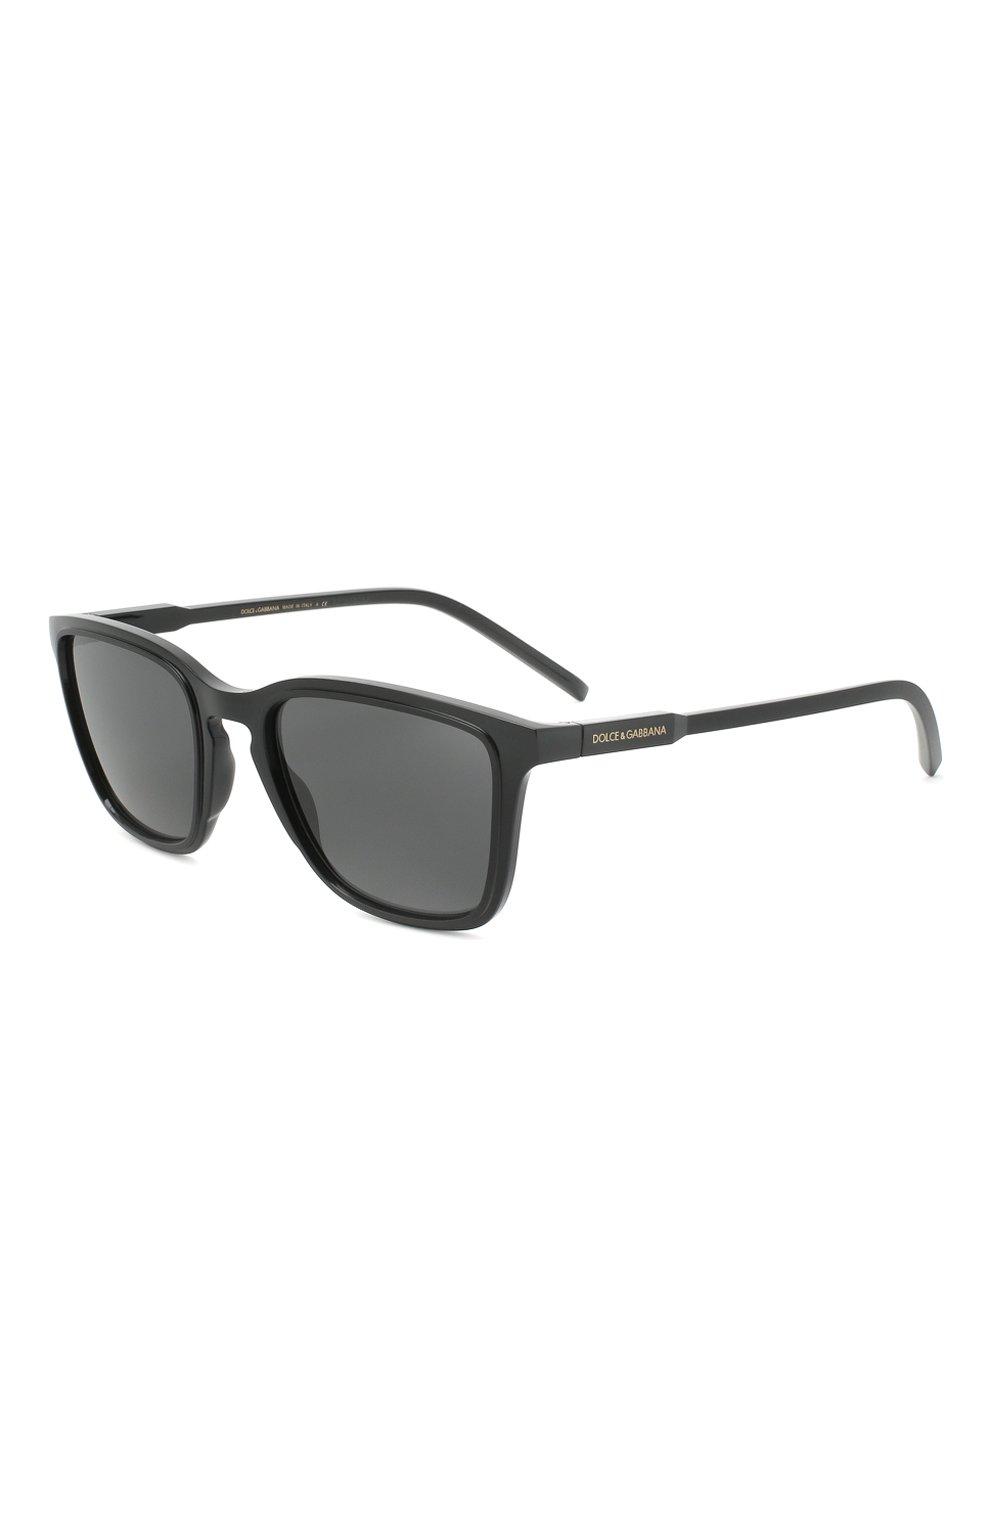 Мужские солнцезащитные очки DOLCE & GABBANA черного цвета, арт. 6145-501/87 | Фото 1